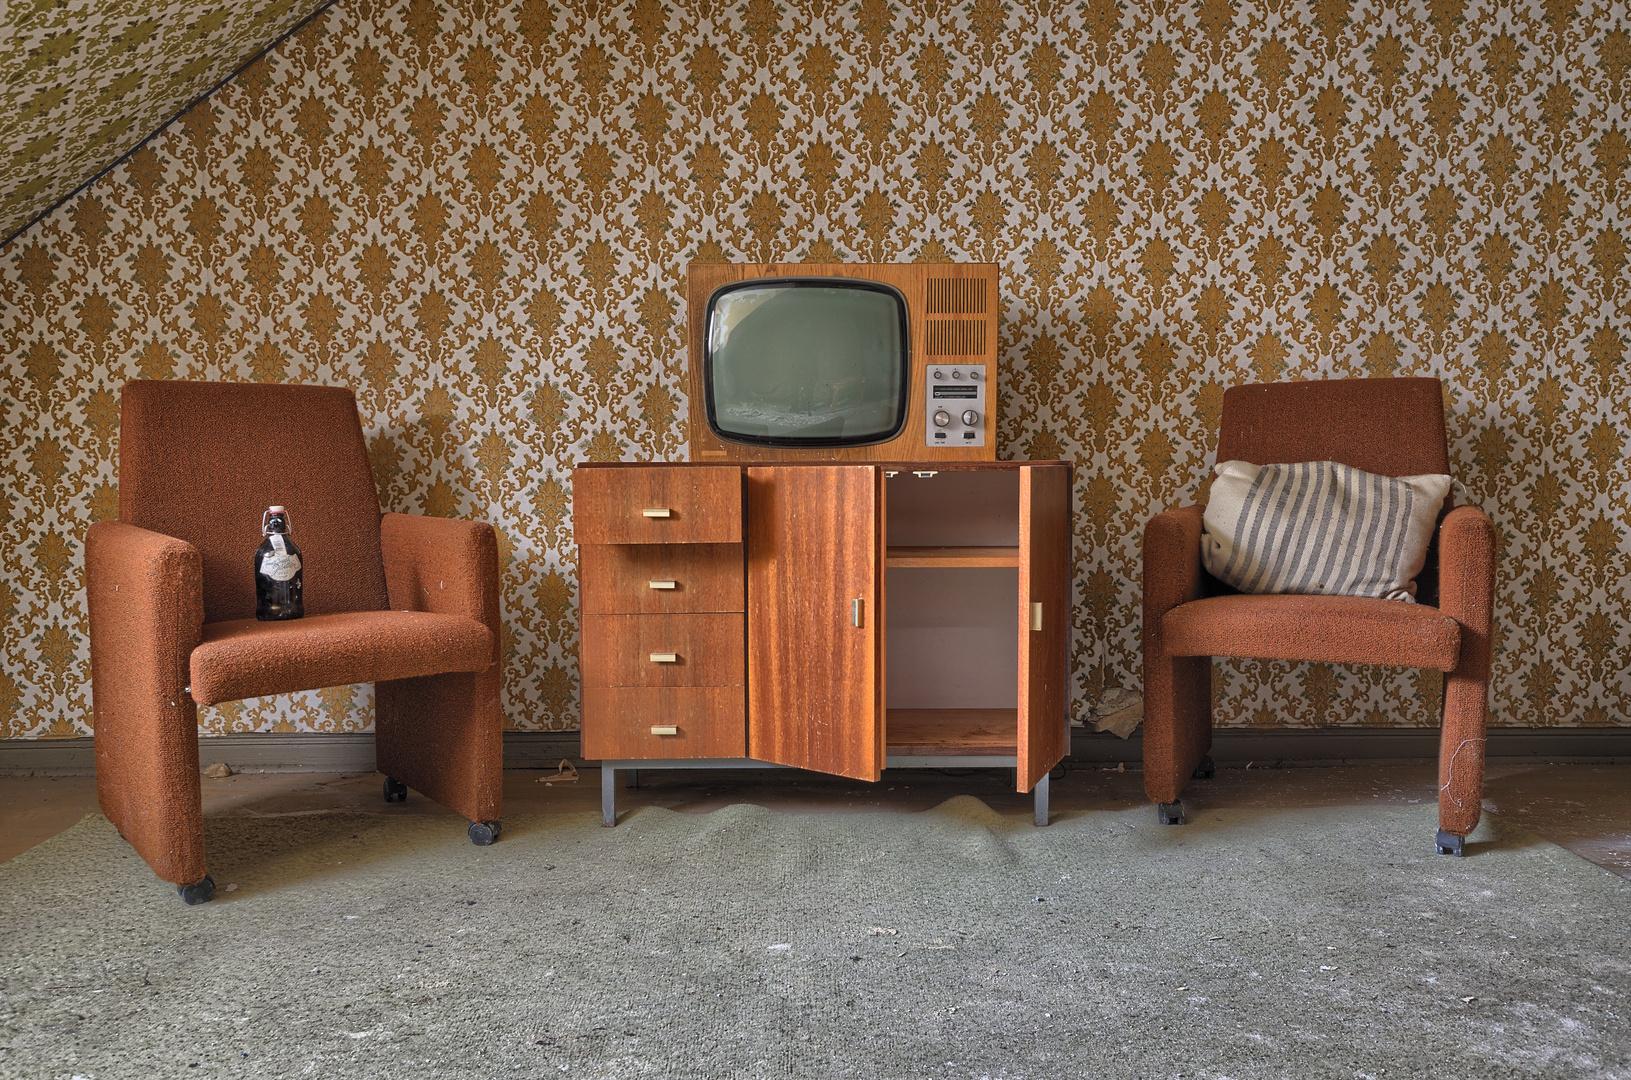 Bildungsfernsehen...